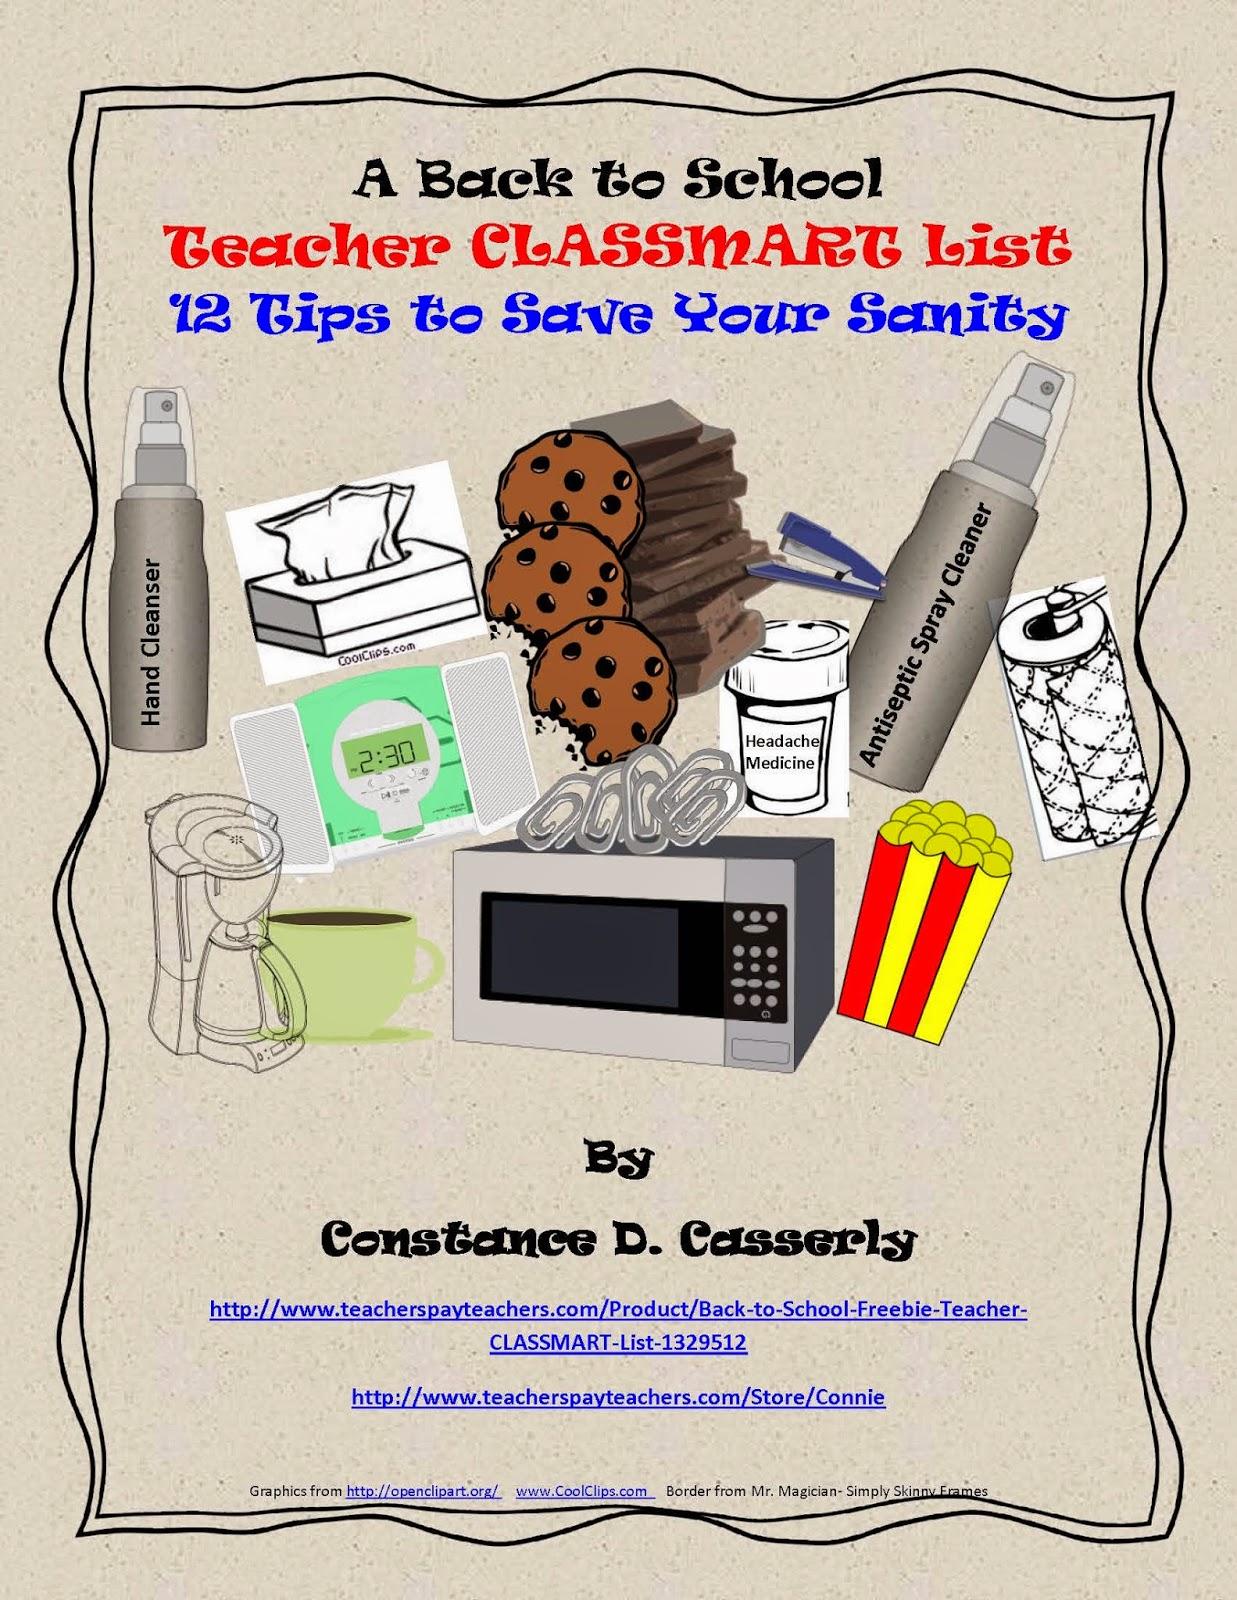 Teacher CLASSMART List